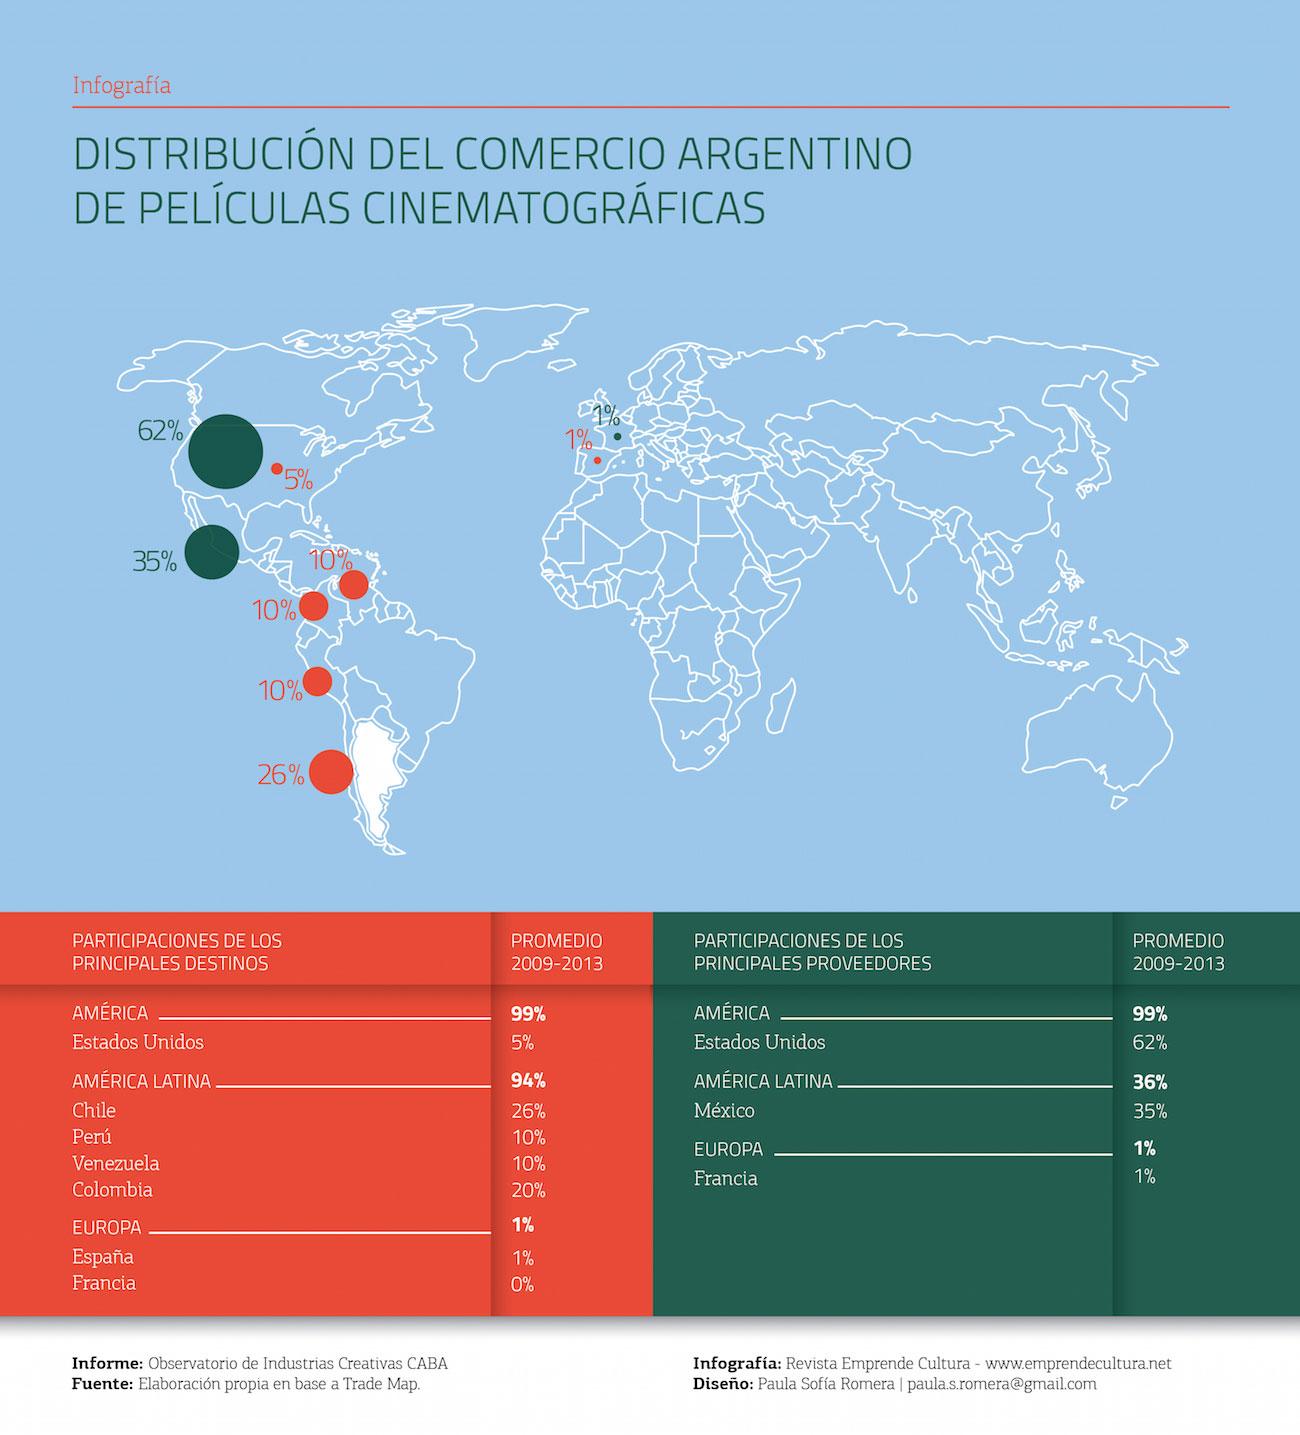 Distribución del comercio argentino de películas cinematográficas